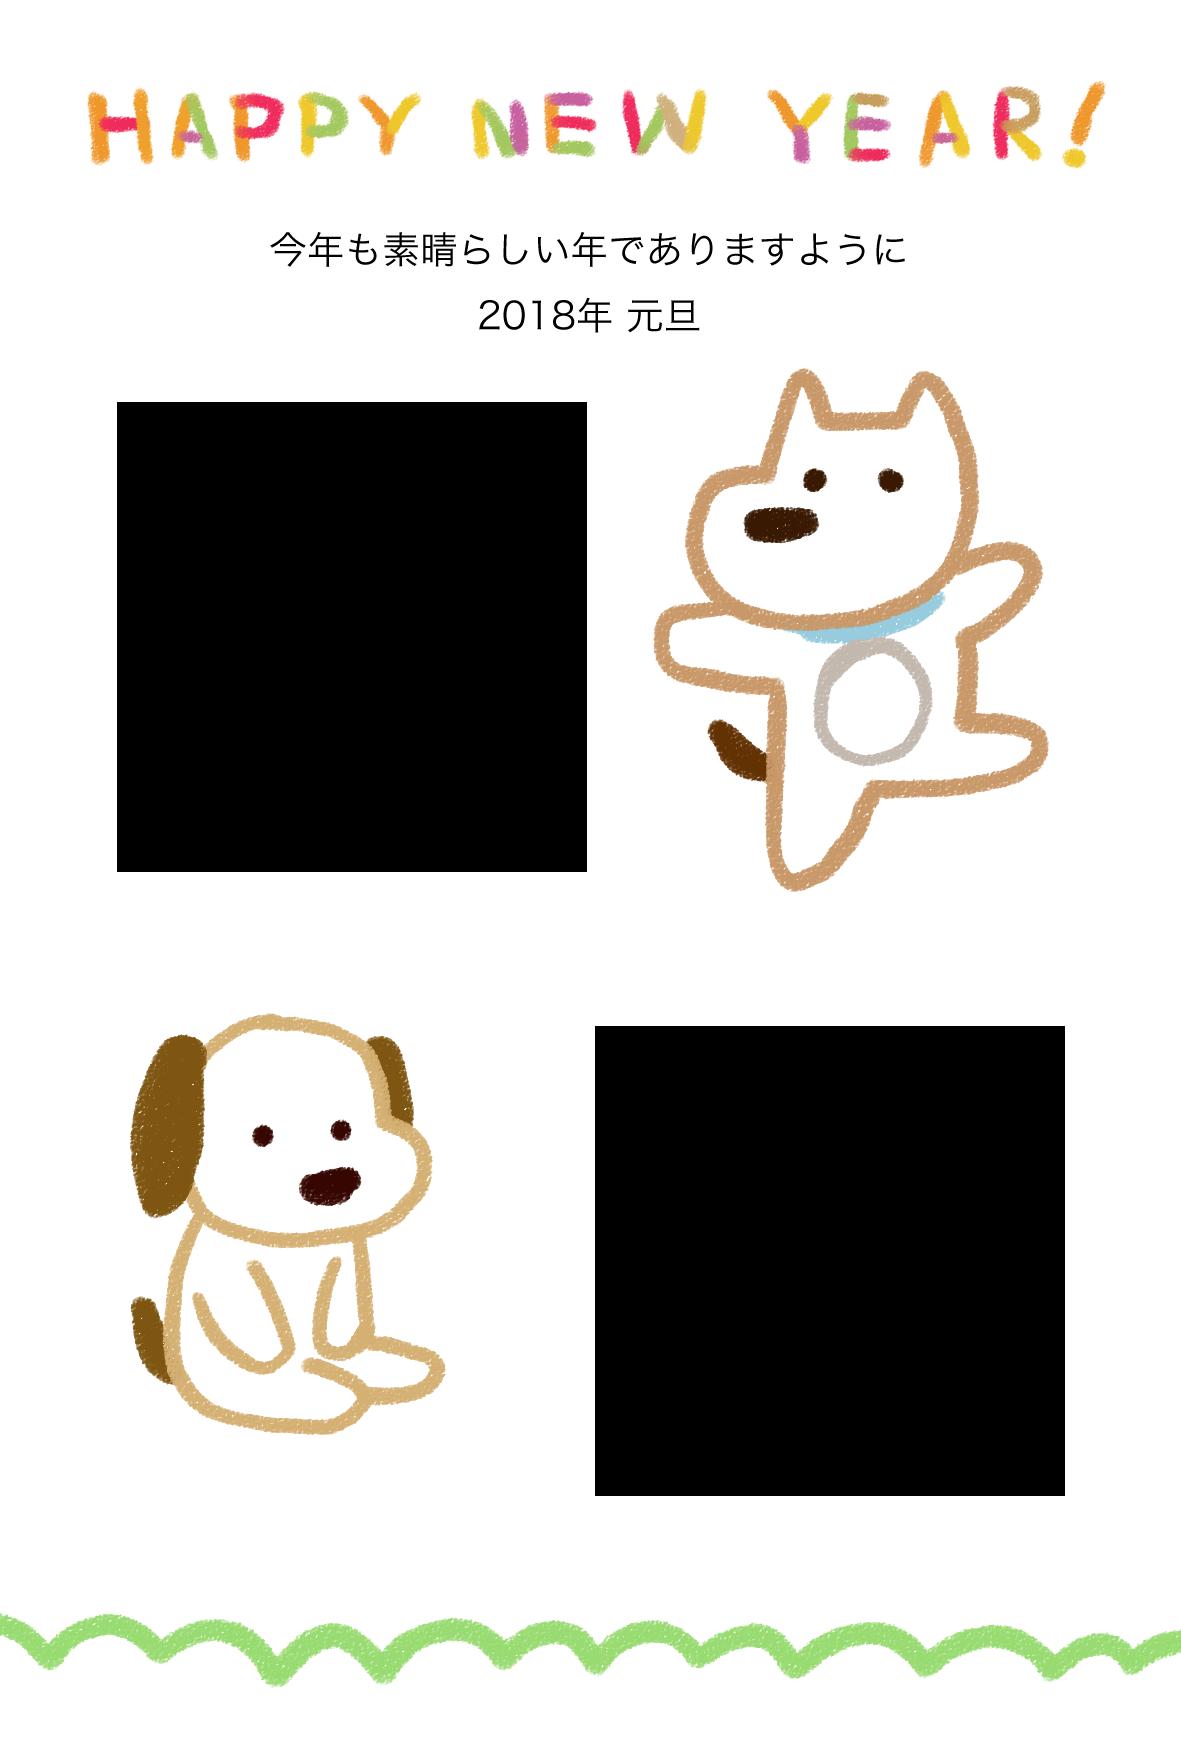 二匹の犬のお絵かき年賀状(戌年・写真フレーム) | かわいい無料